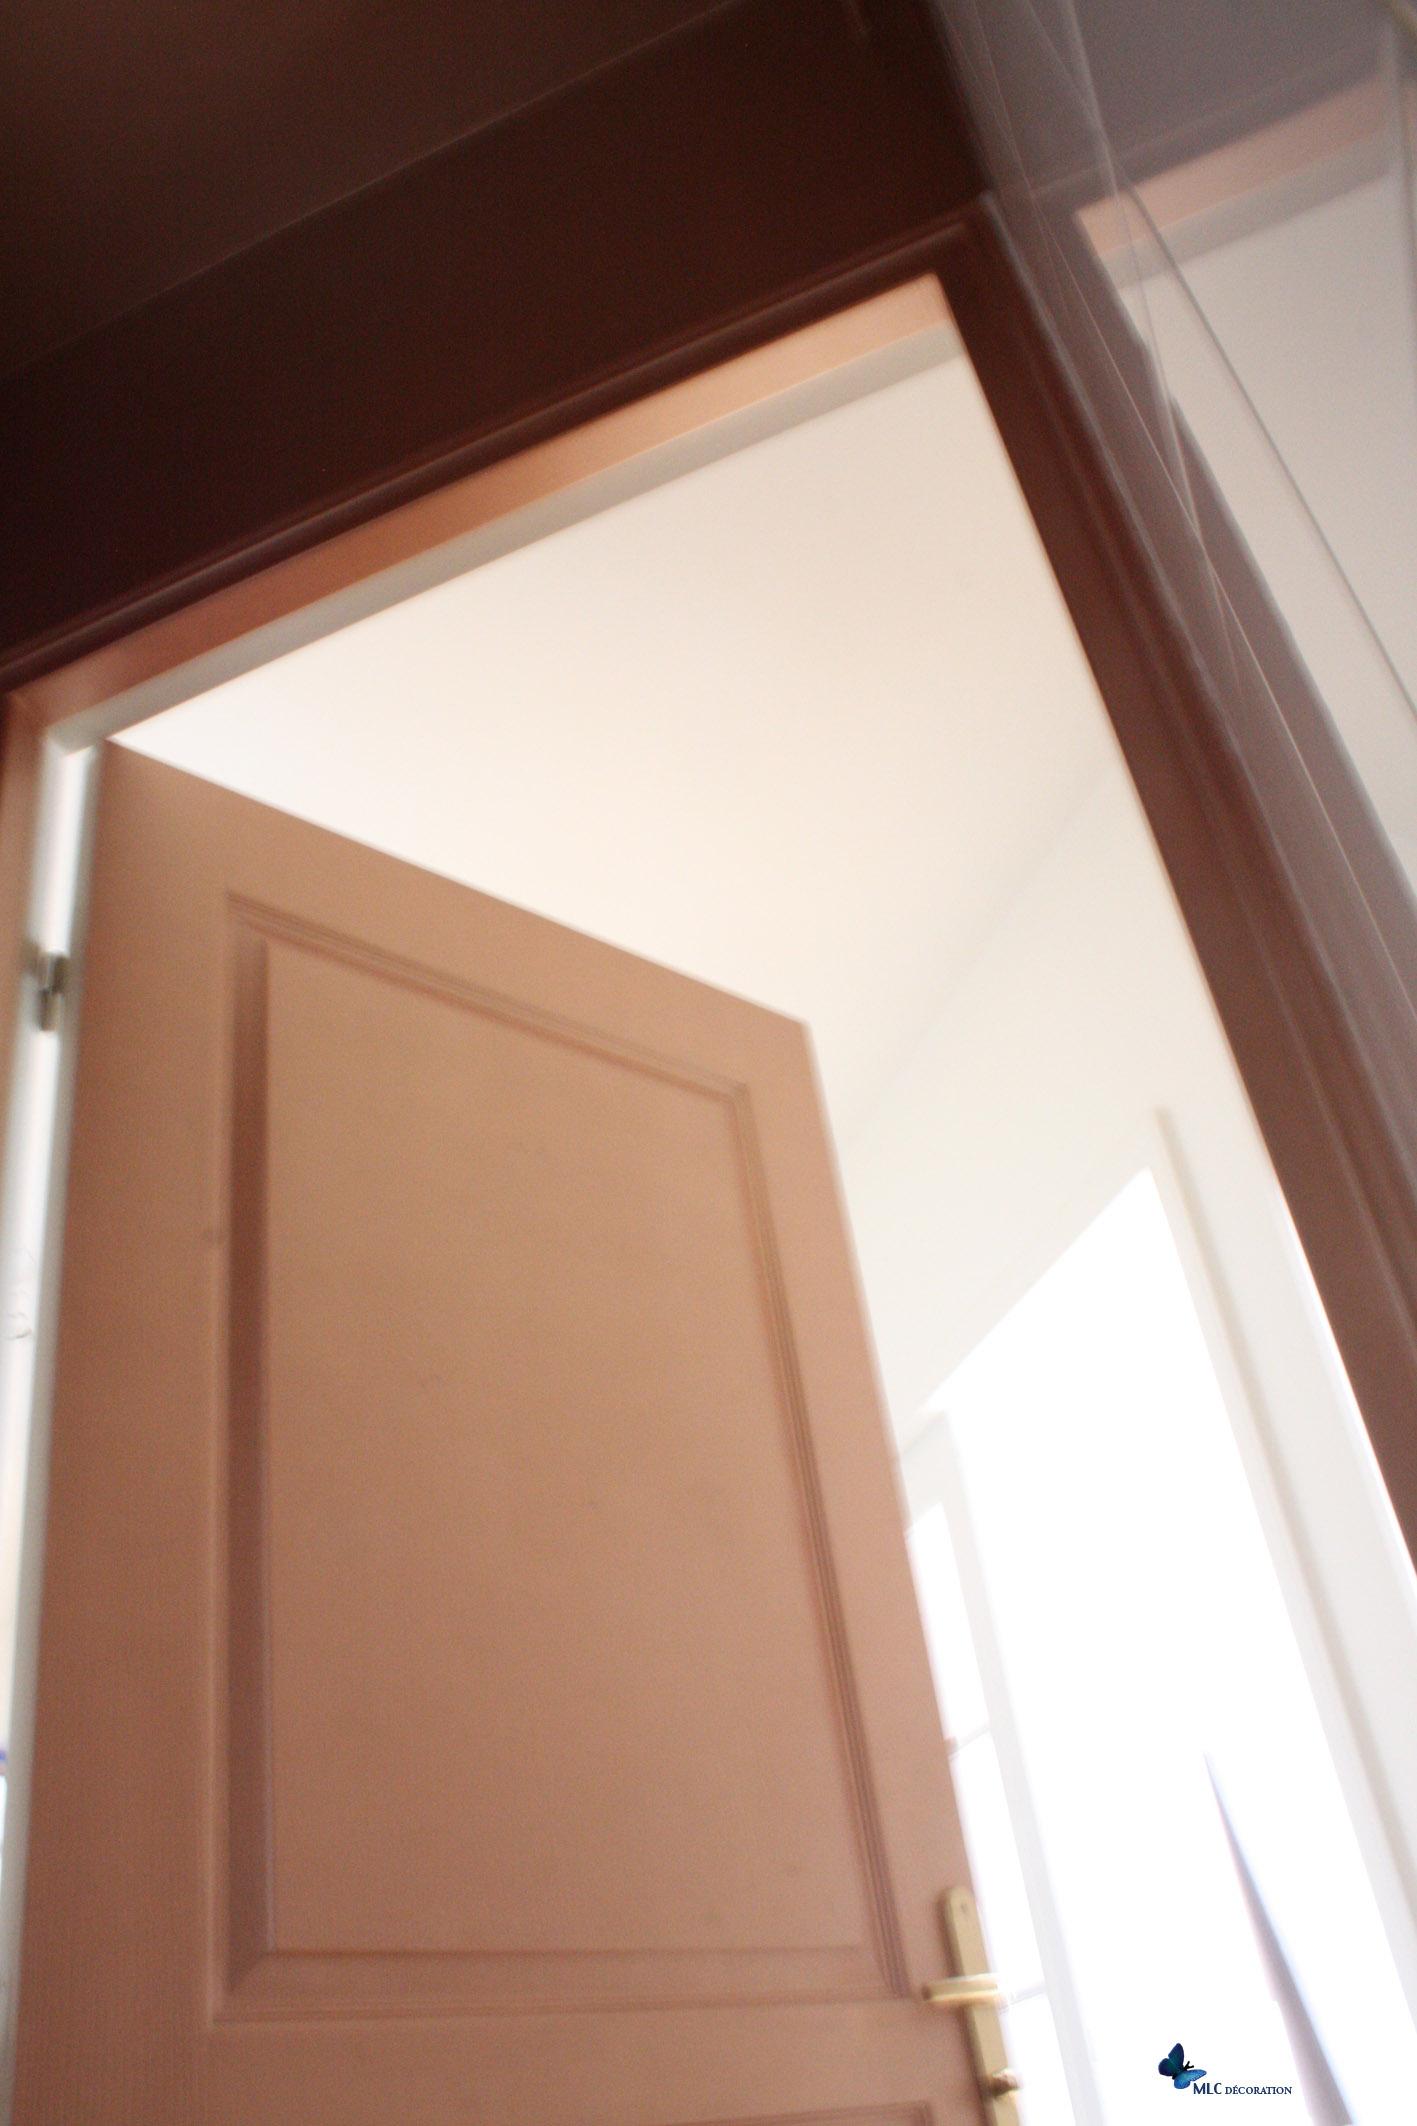 Mur couleur cuivre id e inspirante pour la for Decoration murale cuivre